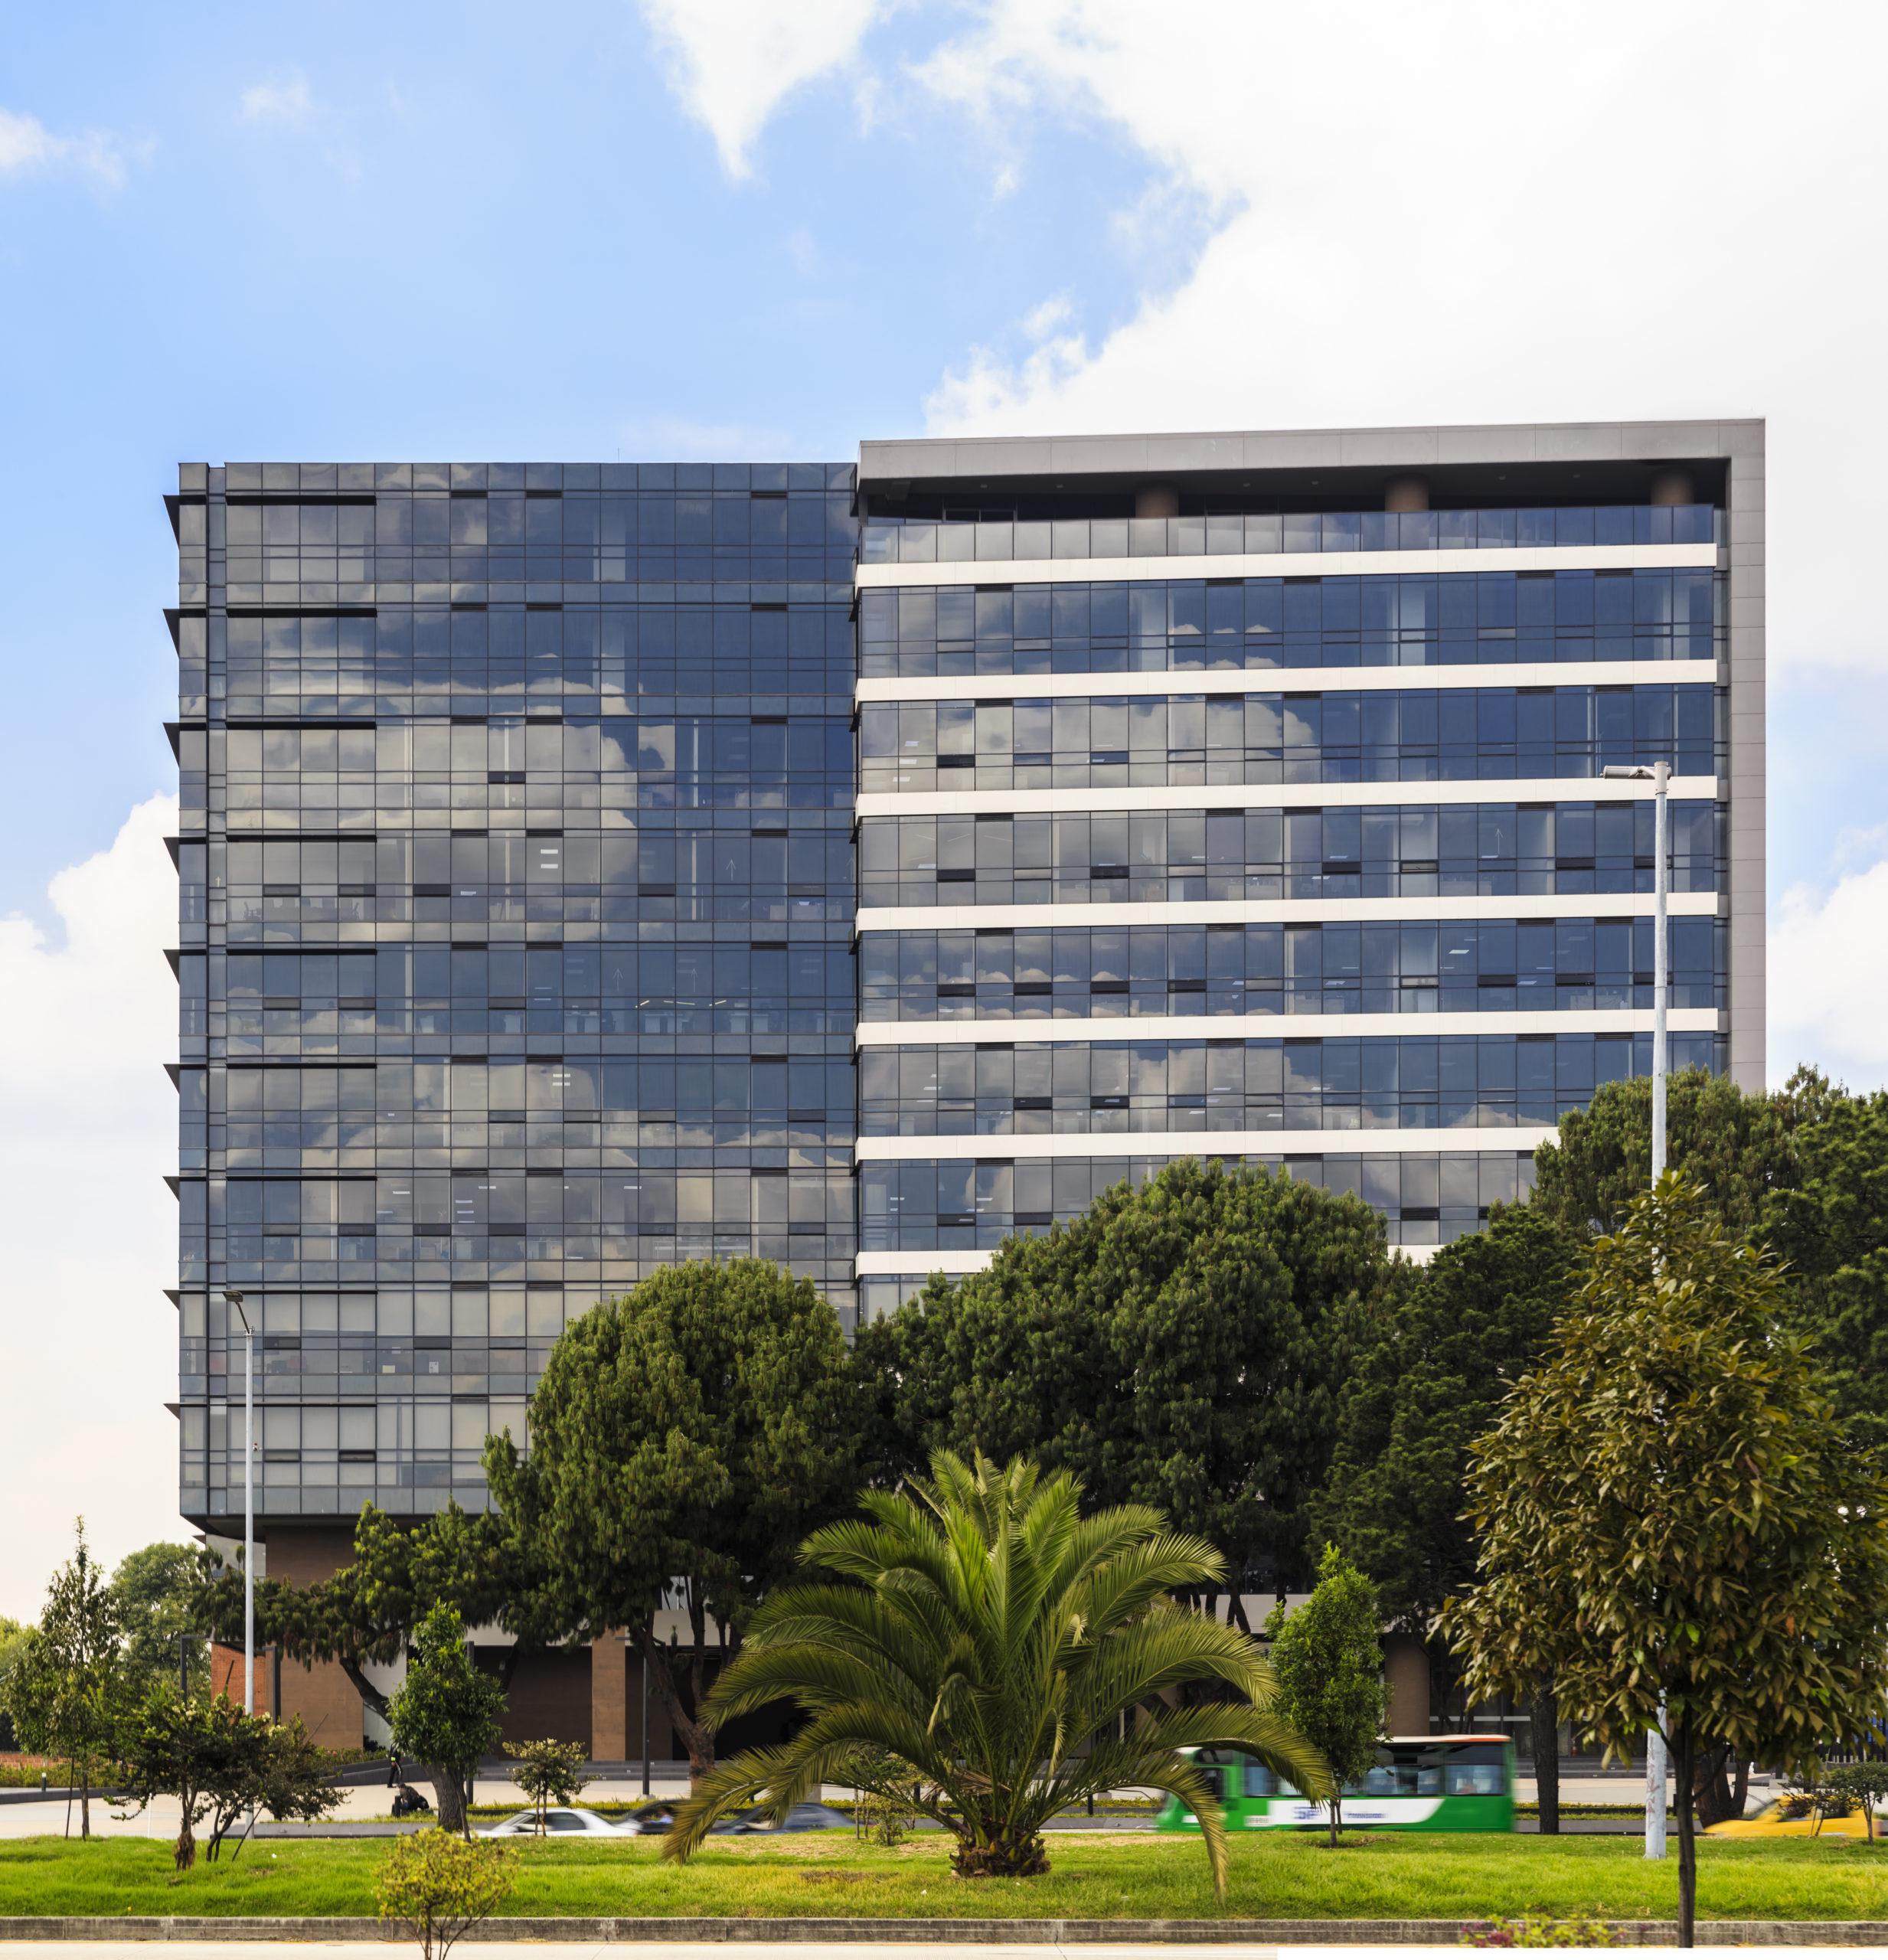 Con una participación del 67% Pei se convierte en el principal propietario del Edificio Buró 26